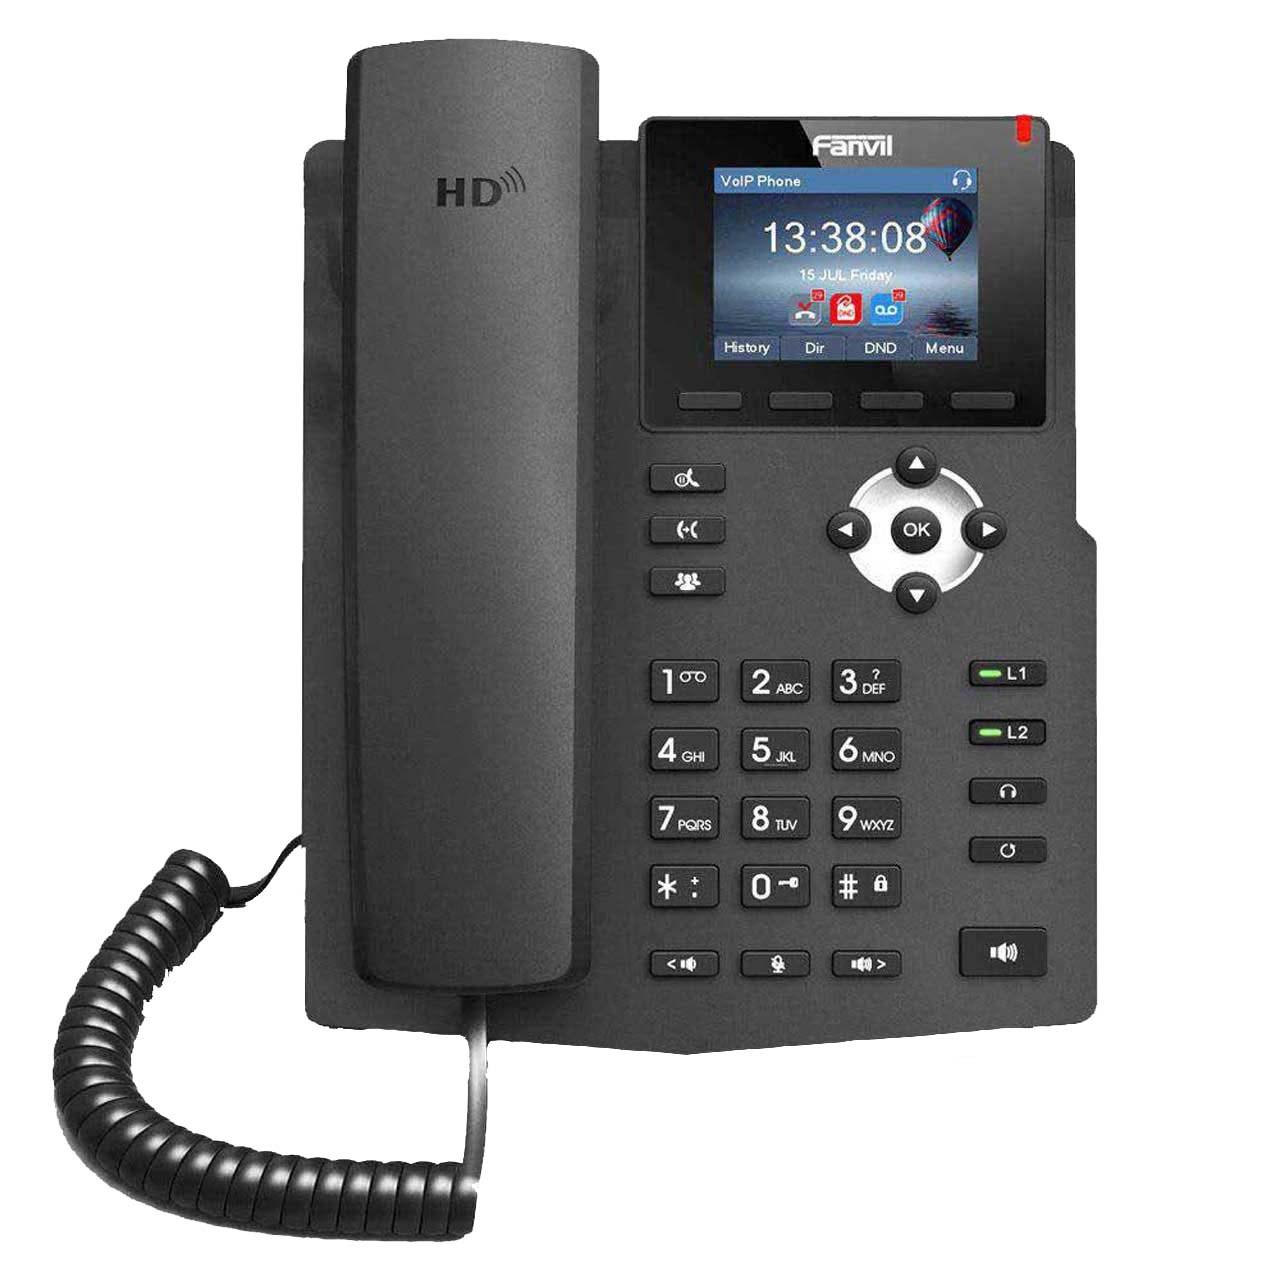 قیمت                      تلفن تحت شبکه فنویل مدل X3S